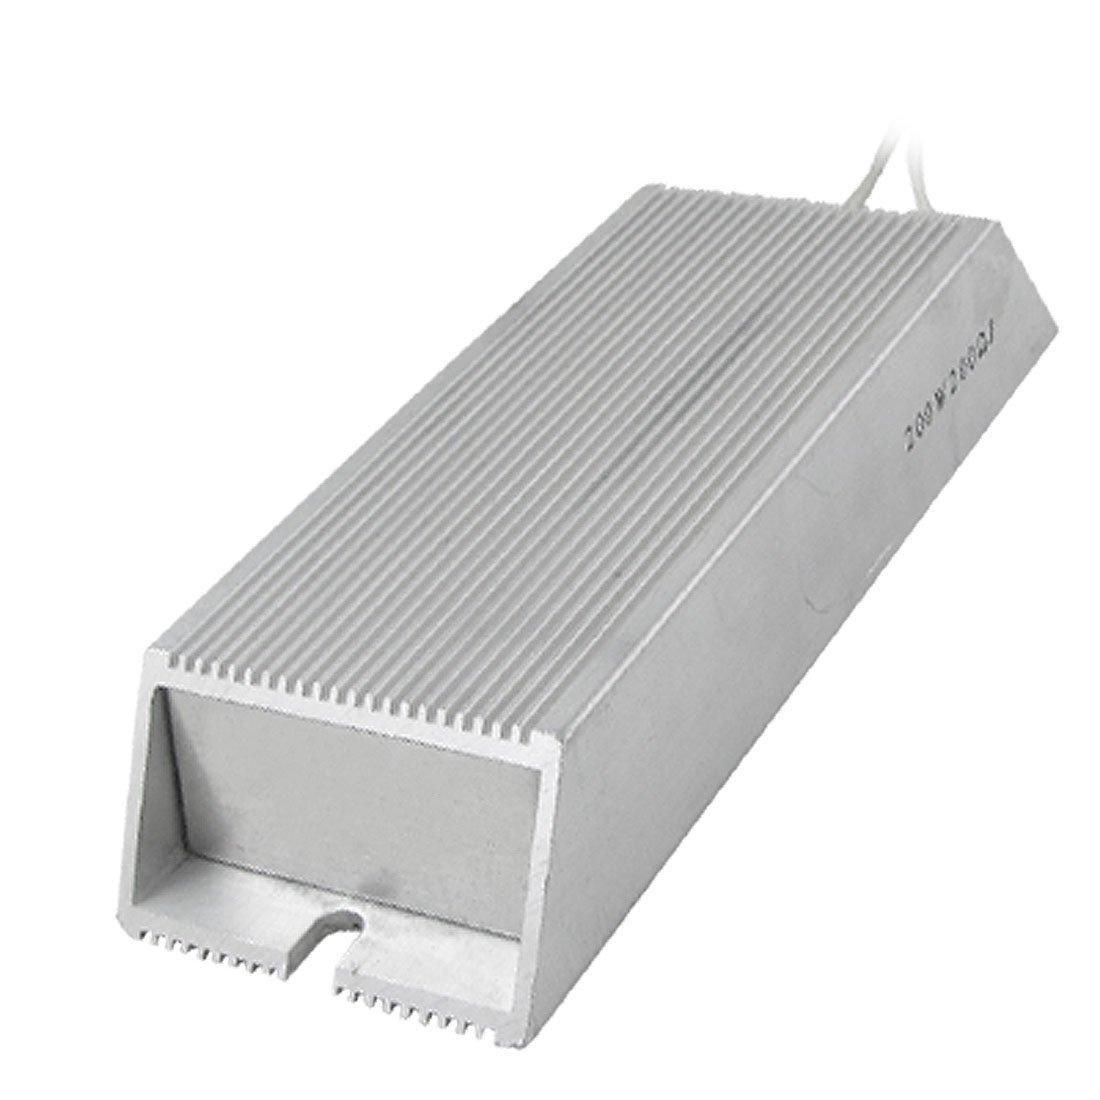 sourcingmap Bo/îtier en Aluminium Fil enroul/é R/ésistance de freinage 200W 100 ohms